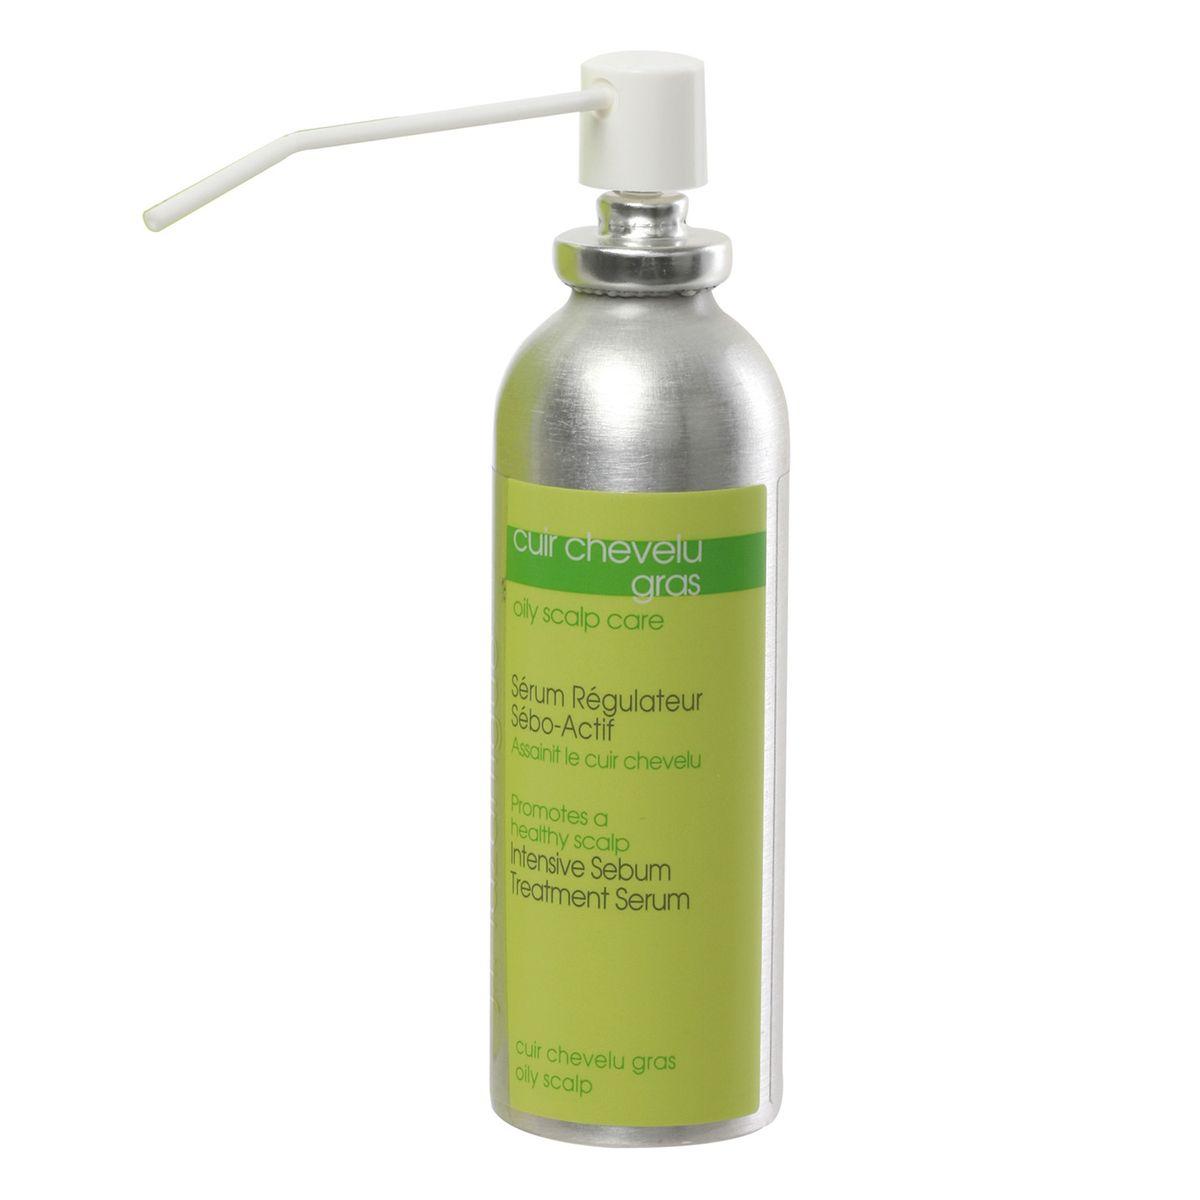 J.F.Lazartigue Интенсивная сыворотка для волос для снижения выделения кожного сала 75 мл01406Сыворотка регулирует активность сальных желез при избыточном выделении кожного сала: содержит микрочастицы с протеинами, углеводами и содержащими серу органическими соединениями, которые нормализуют количество и качество выделяемого сальными железами секрета. Благодаря антибактериальным ингредиентам глубоко очищает кожу головы, препятствуя росту микроорганизмов, вызывающих появление перхоти. Укрепляет корни волос и волосяные фолликулы, способствуя росту здоровых волос.